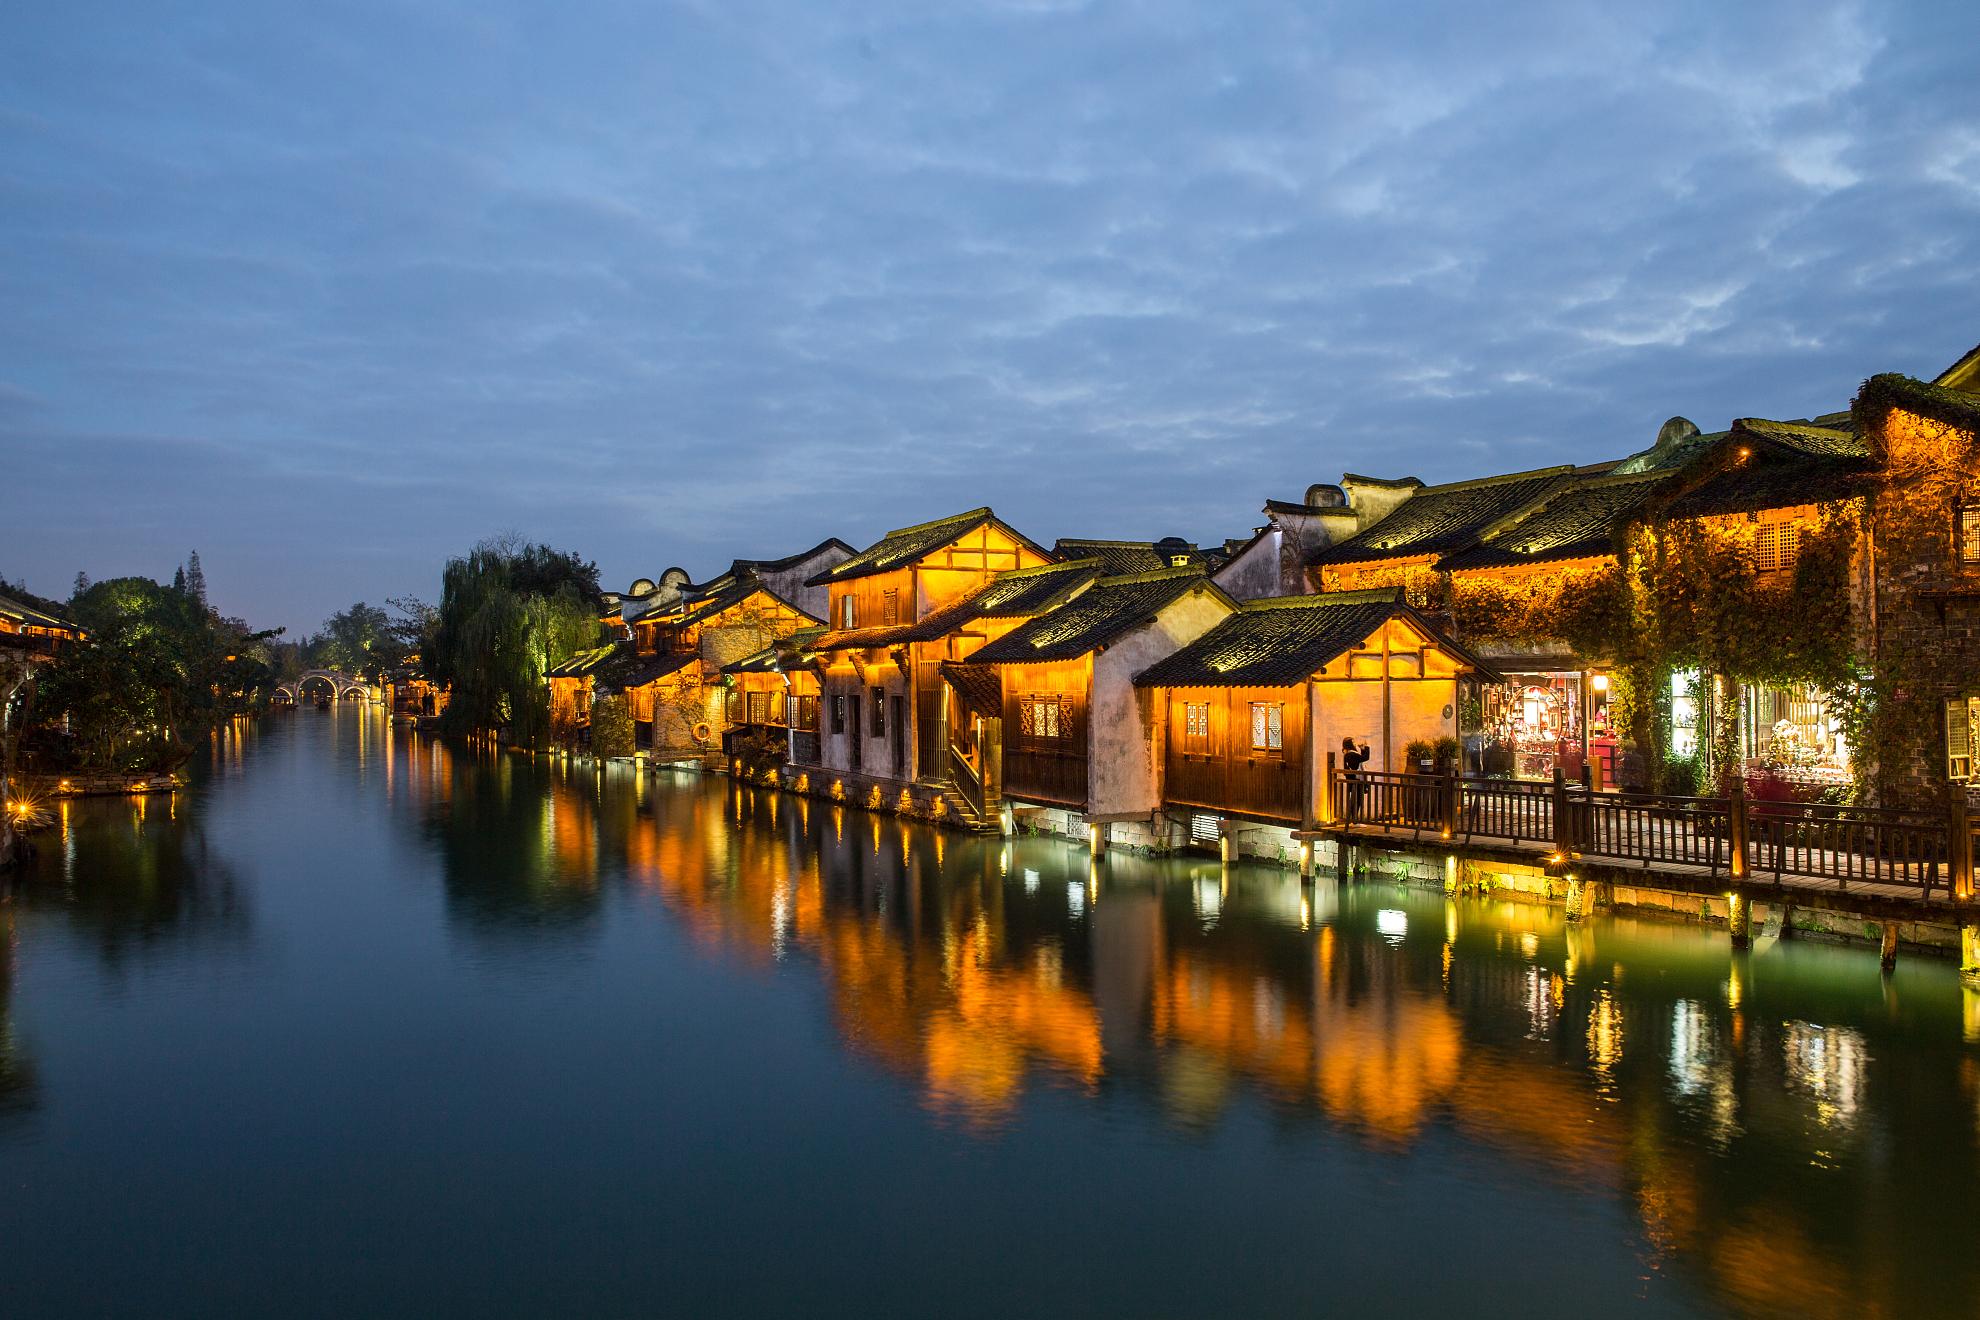 苏州、上海、杭州、乌镇3日深度游国际品牌酒店 乌镇西栅内客栈 餐标50元 慢游新主张